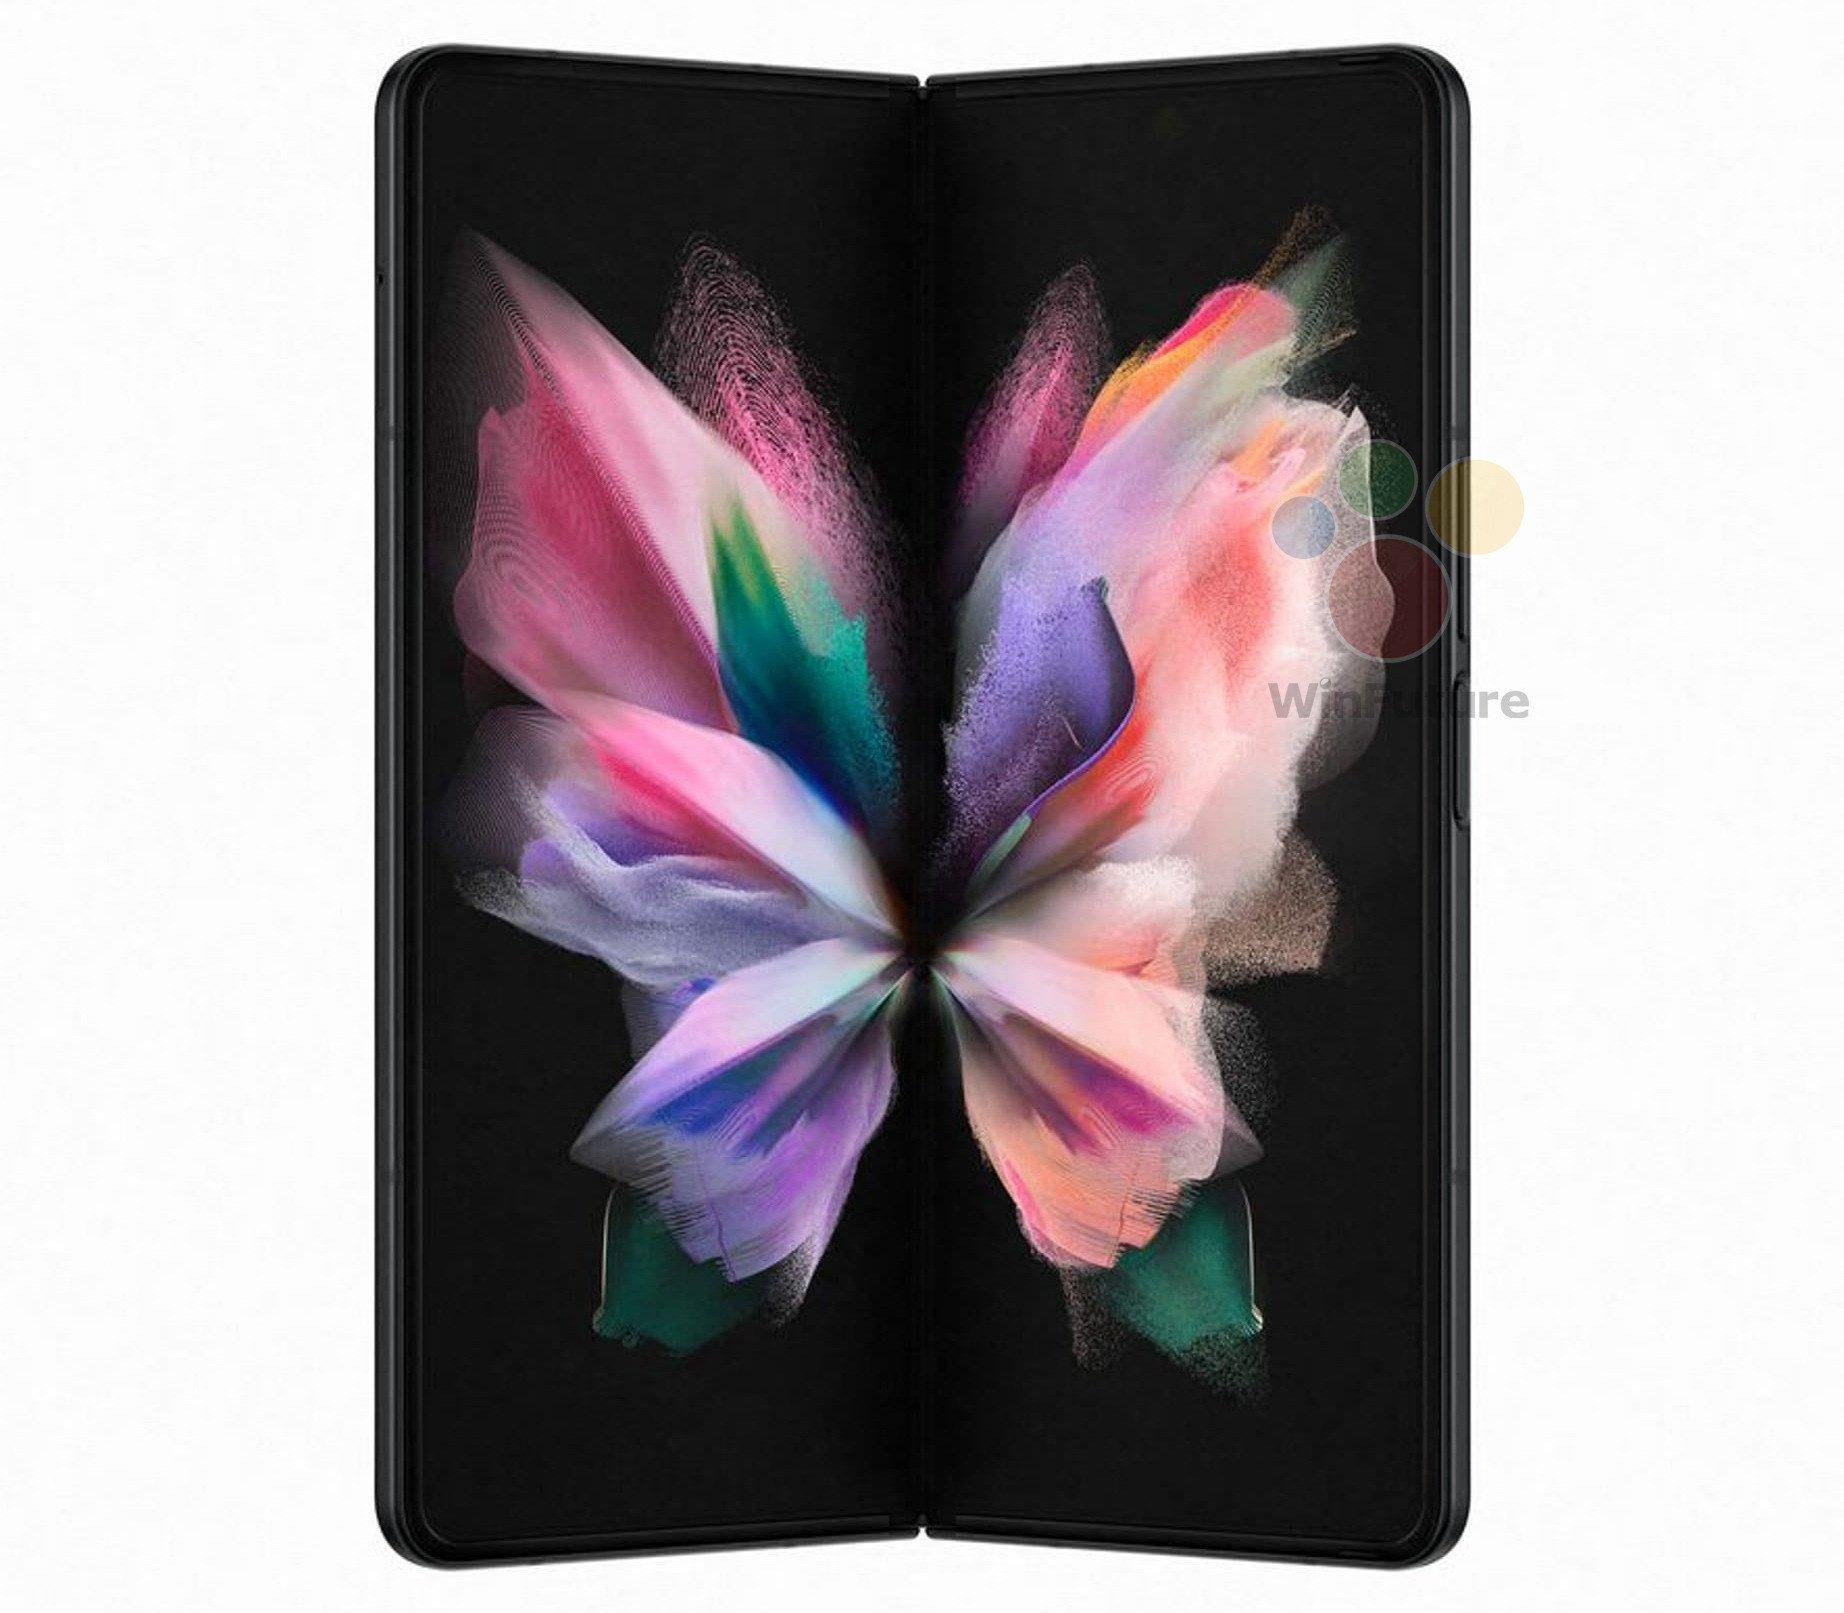 Samsung-Galaxy-Z-Fold-3-1627476388-0-0.jpg